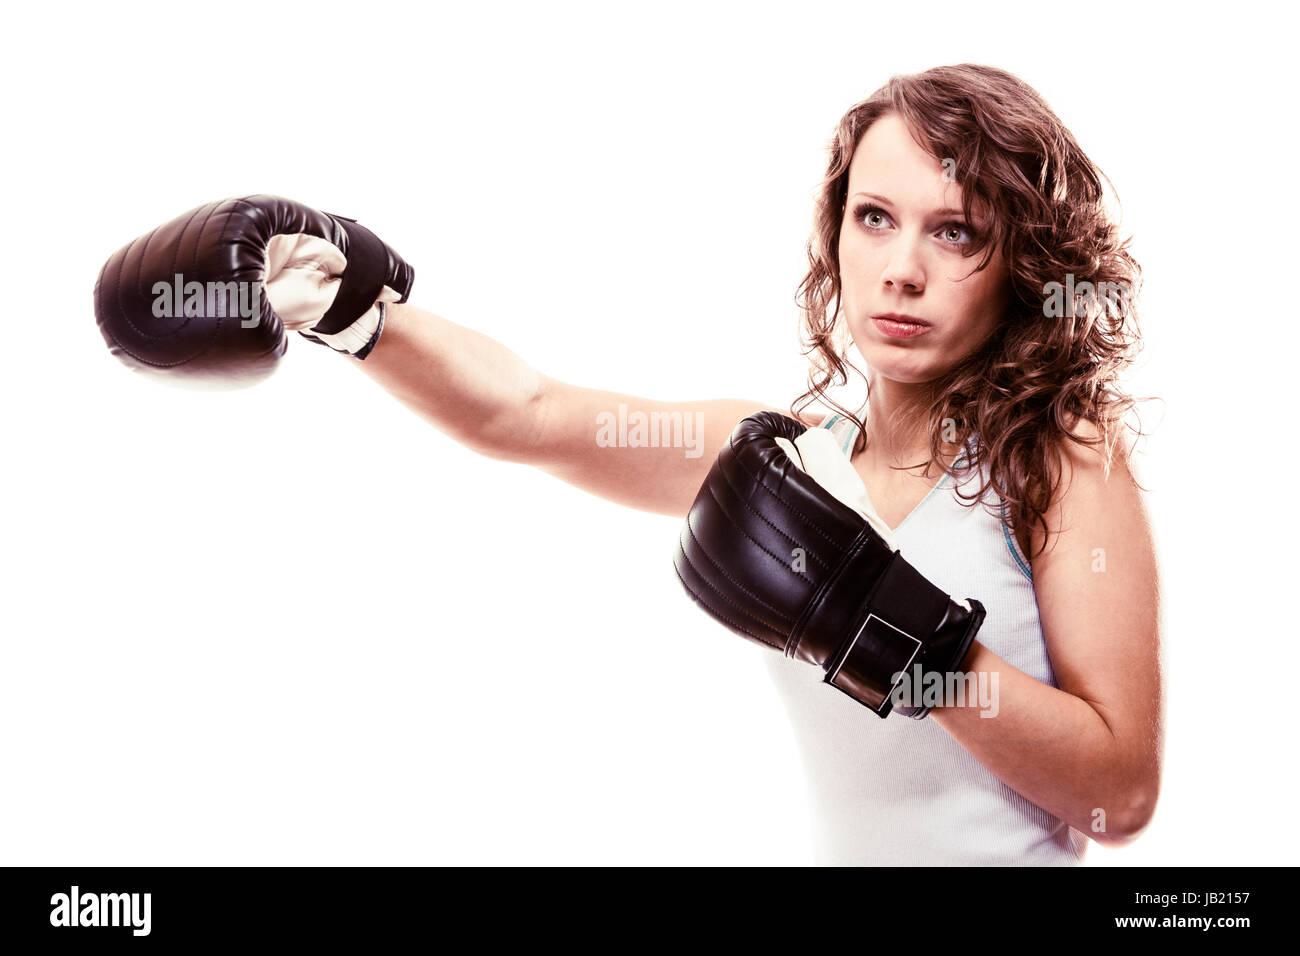 Female boxing domination